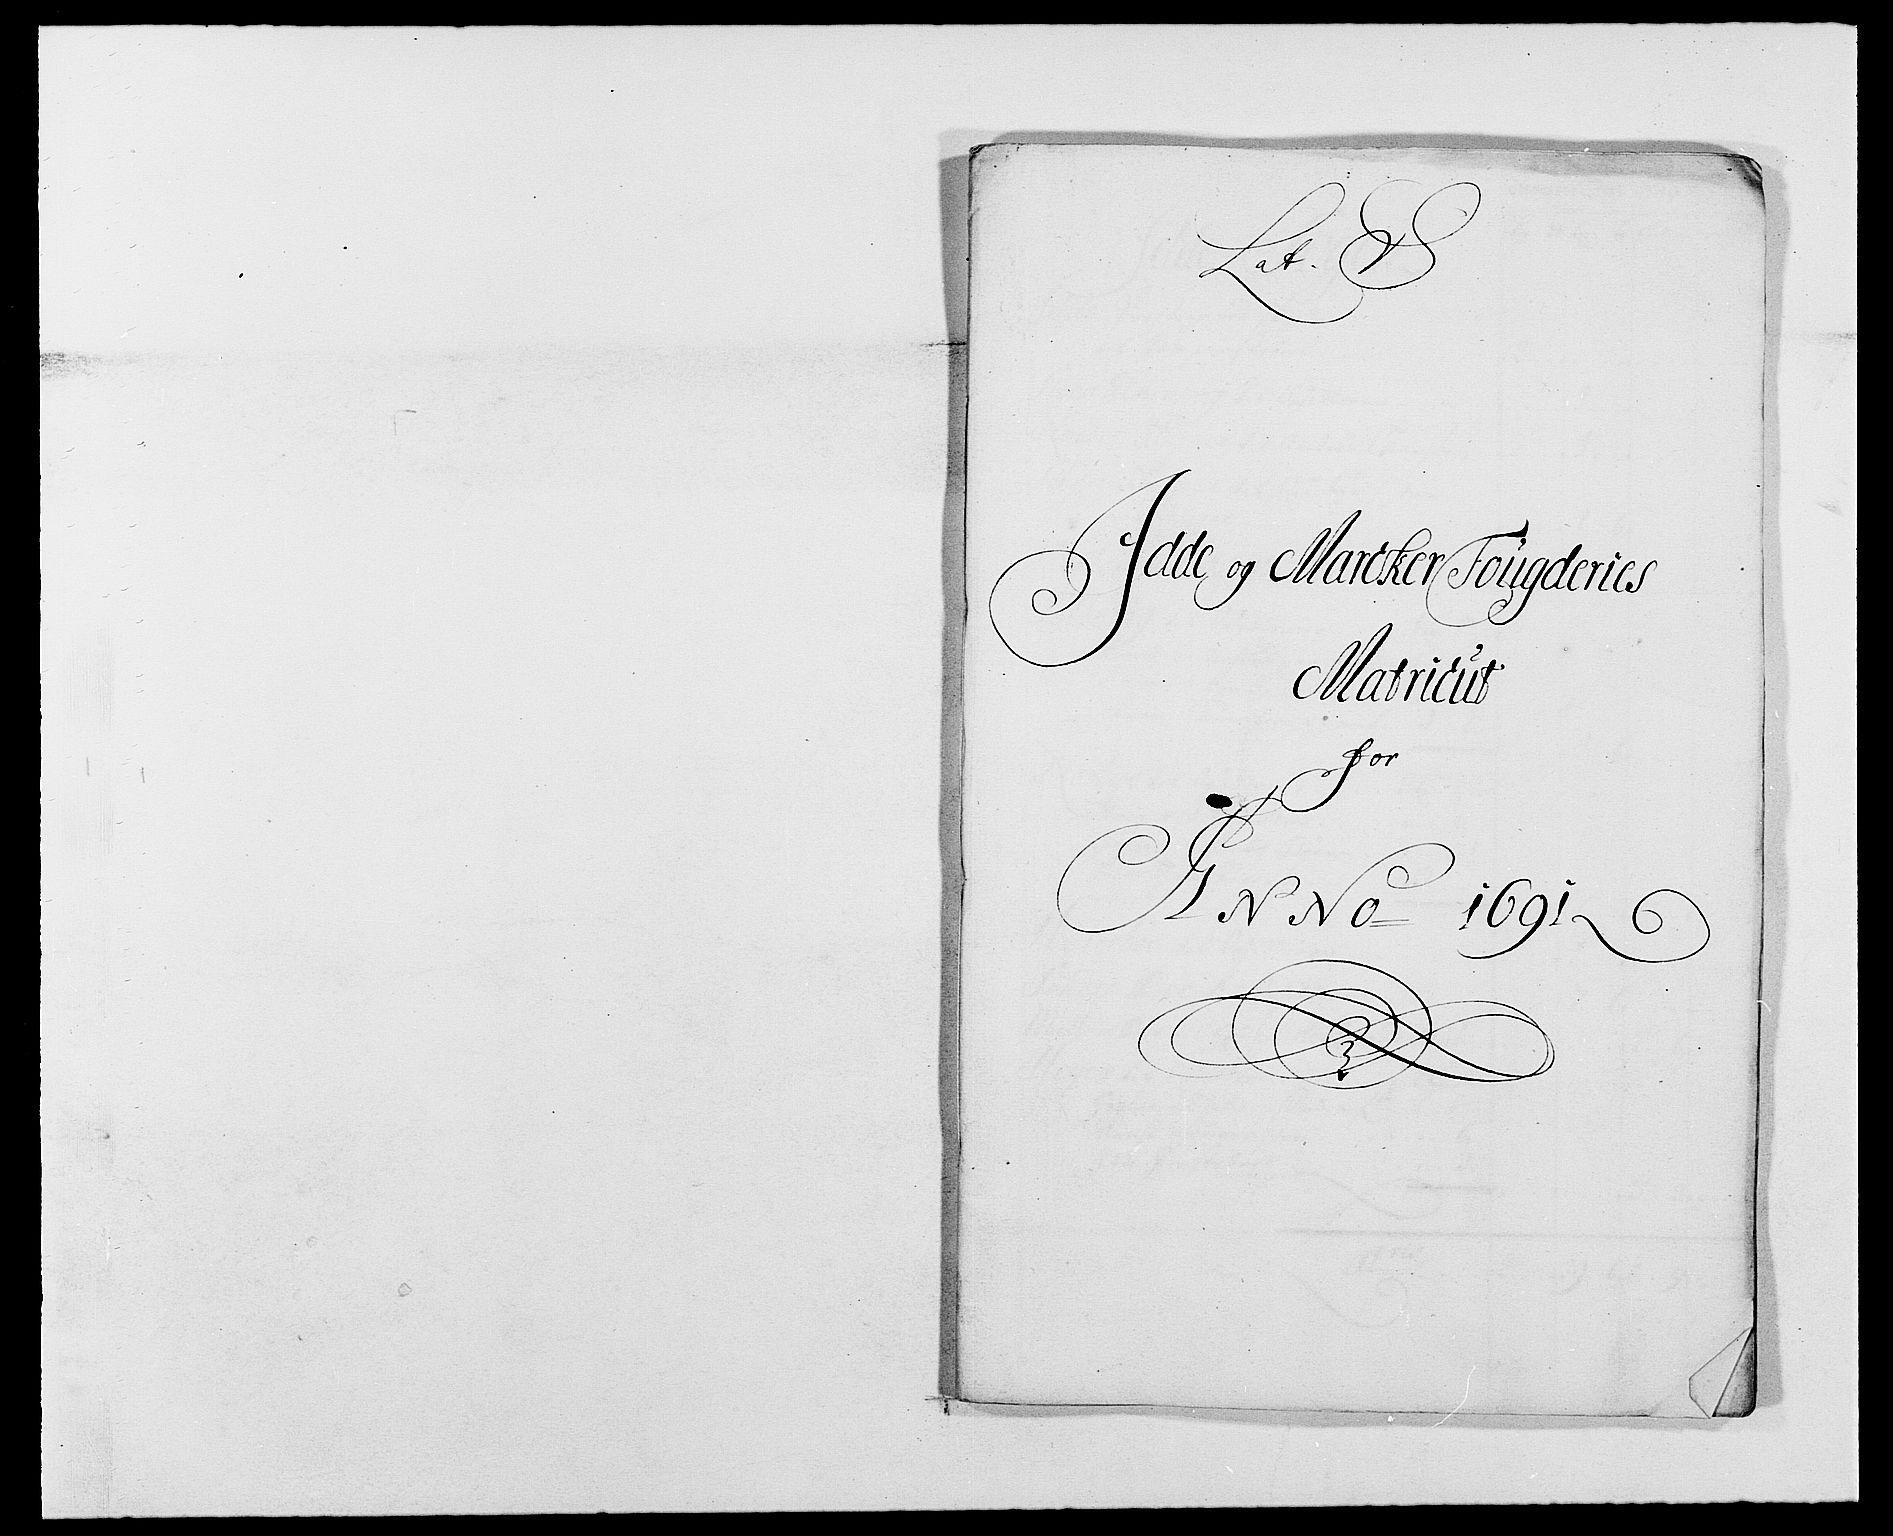 RA, Rentekammeret inntil 1814, Reviderte regnskaper, Fogderegnskap, R01/L0010: Fogderegnskap Idd og Marker, 1690-1691, p. 335